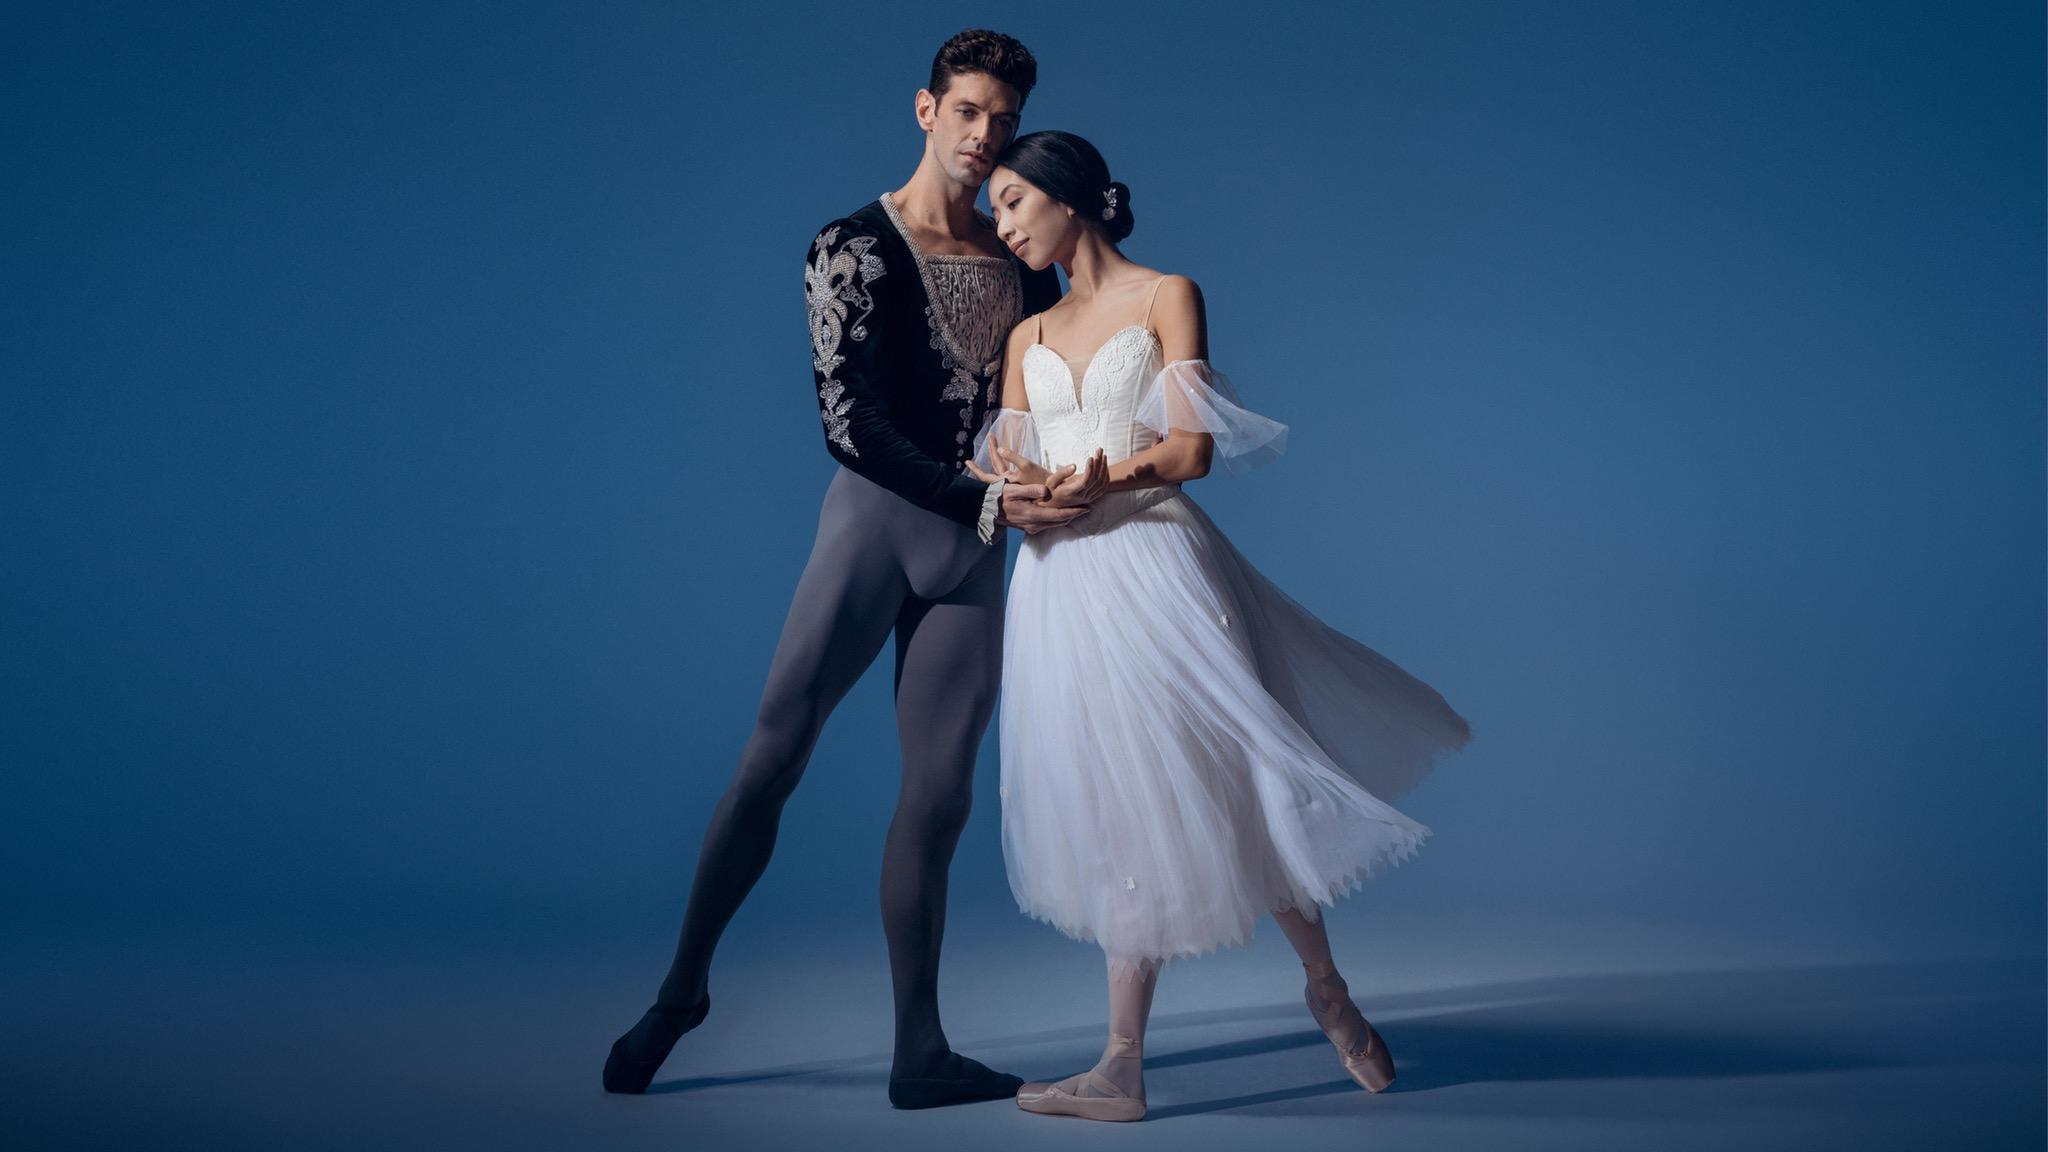 Andrew Killian and Karen Nanasca from The Australian Ballet